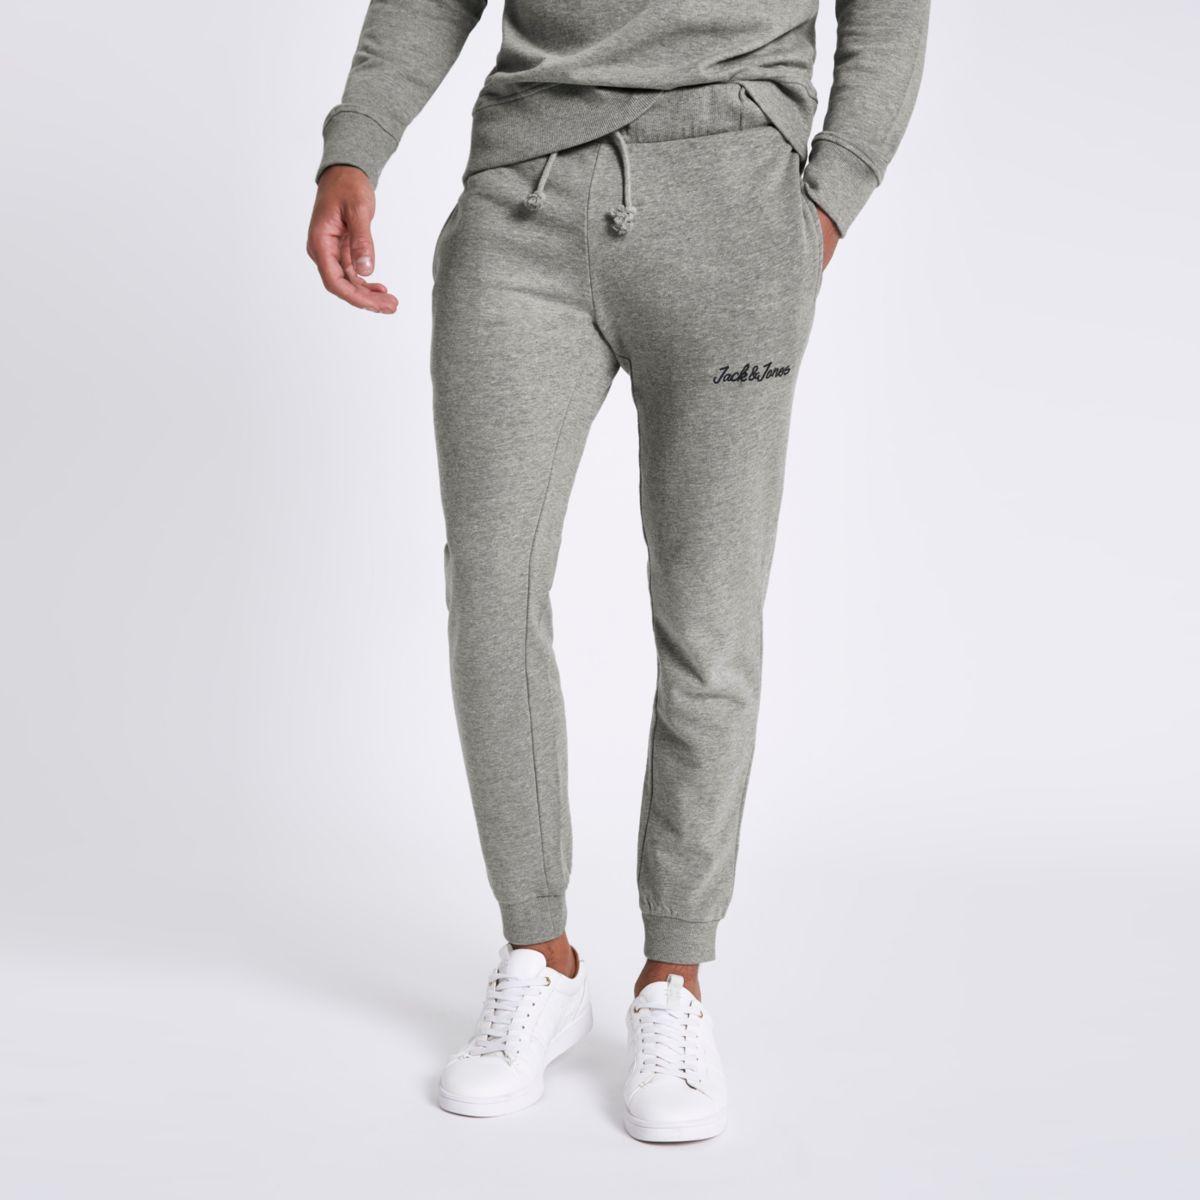 Jack & Jones Originals grey joggers